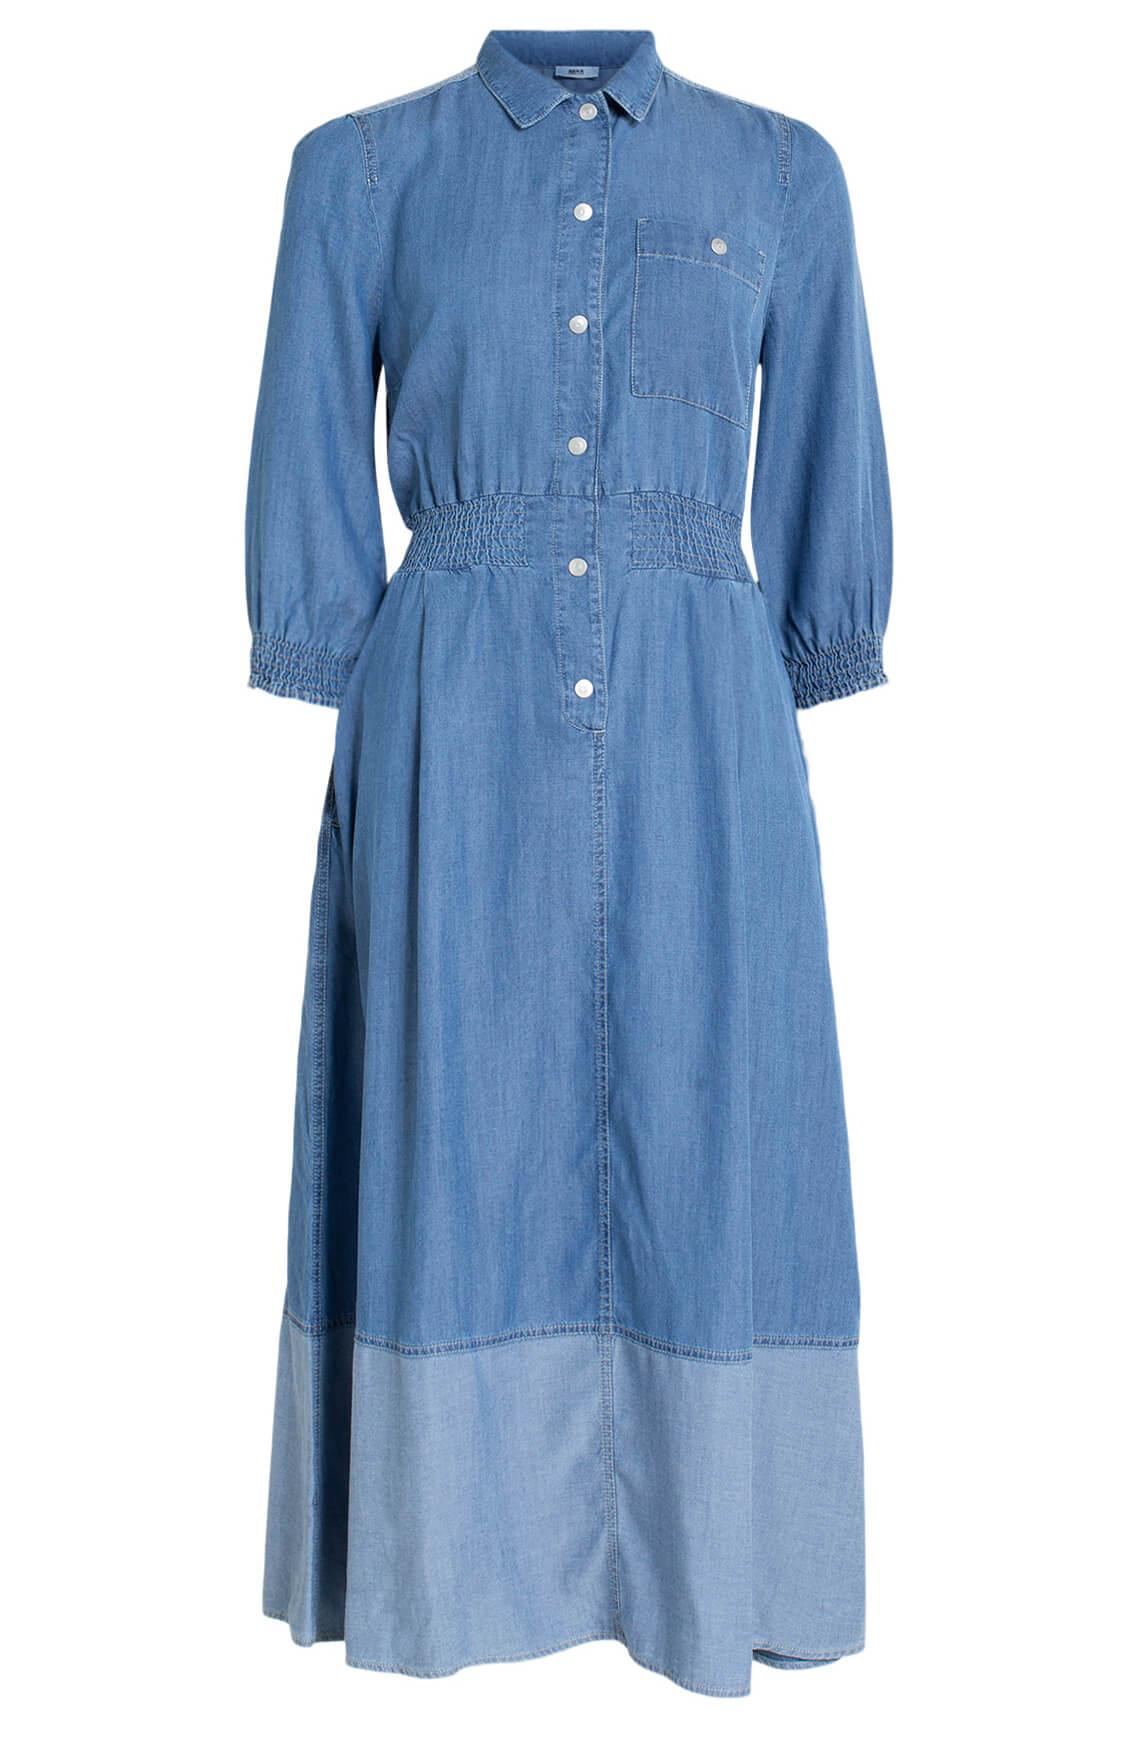 Anna Dames Denim jurk Blauw